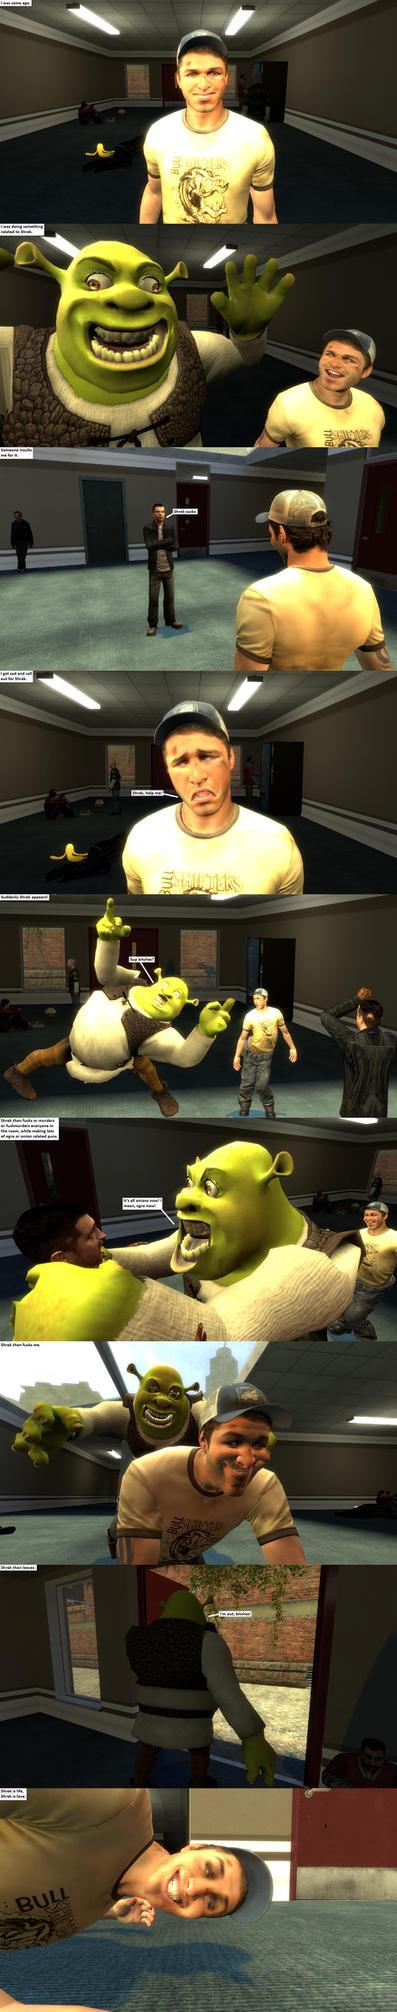 Shrek stories in a nutshell by Joosh-Face